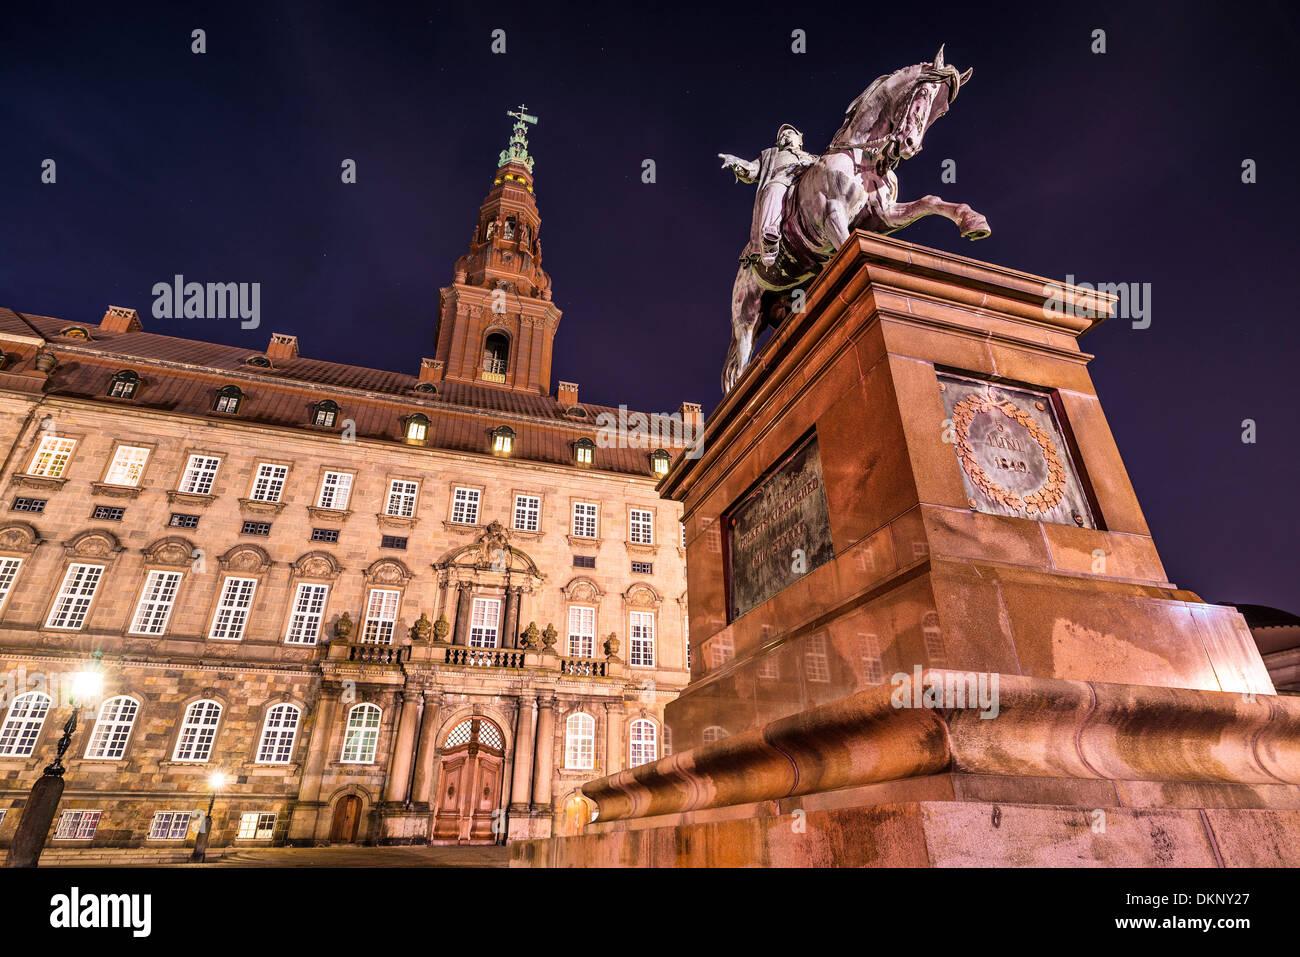 Palacio de Christiansborg en Copenhague, Dinamarca. Imagen De Stock